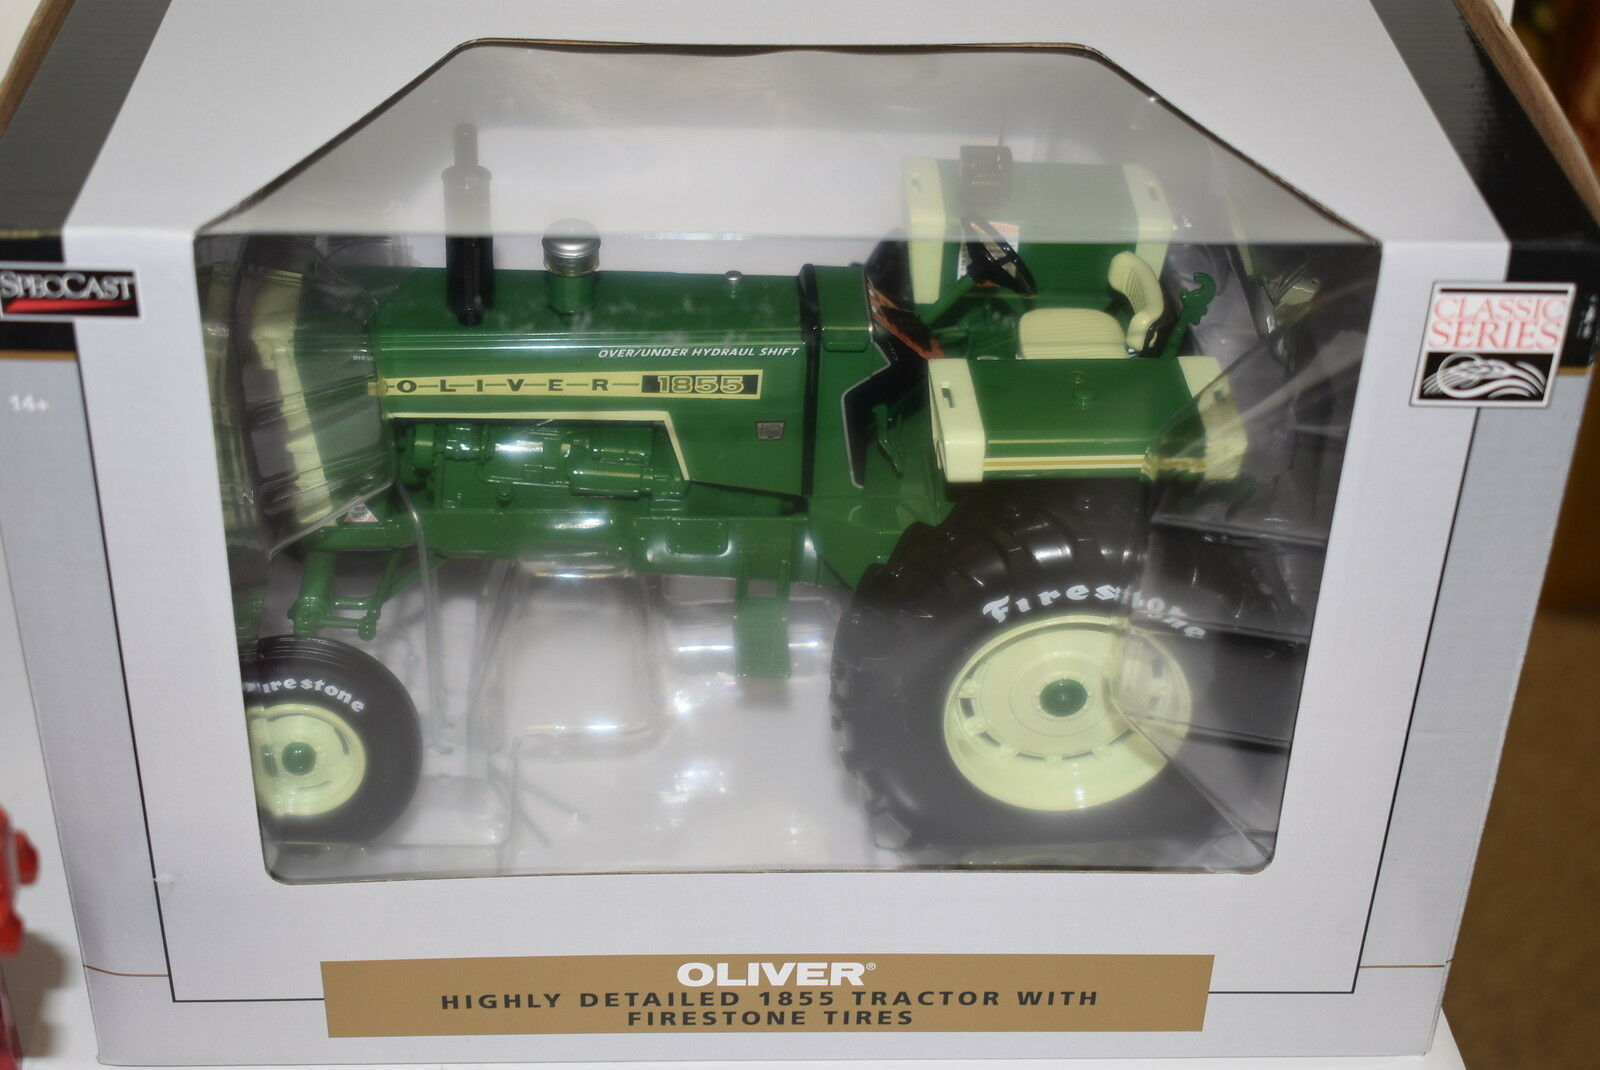 barato 1 16 Oliver 1855 1855 1855 Tractor con   Amplia Frontal y Firestone Neumáticos Nuevo en  Descuento del 70% barato